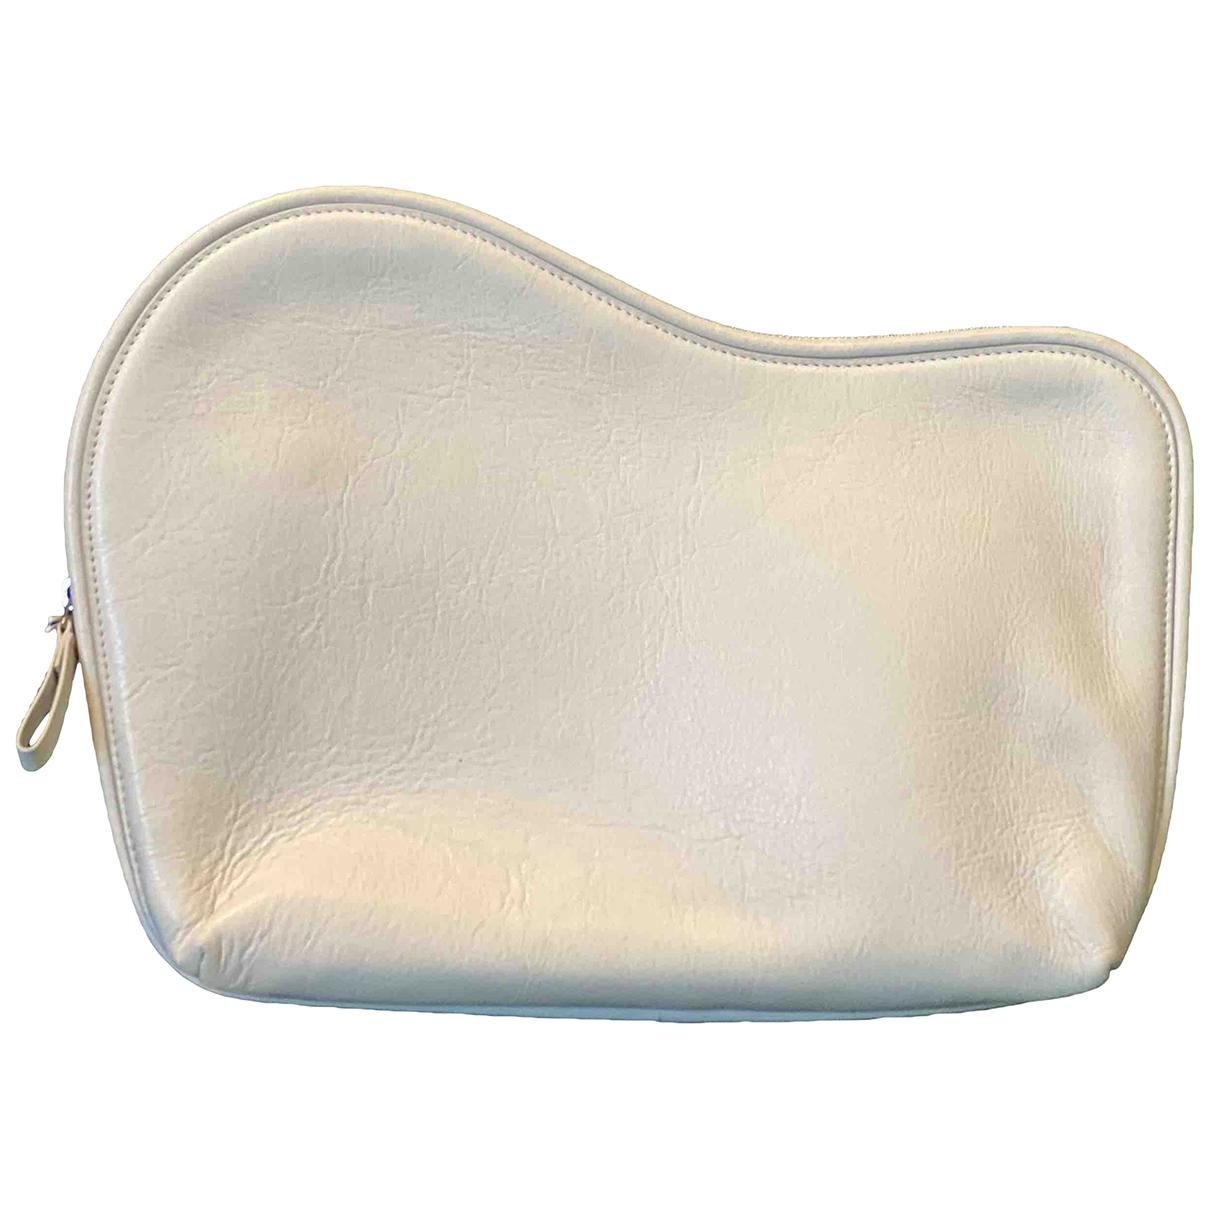 Cos - Pochette   pour femme en cuir - blanc